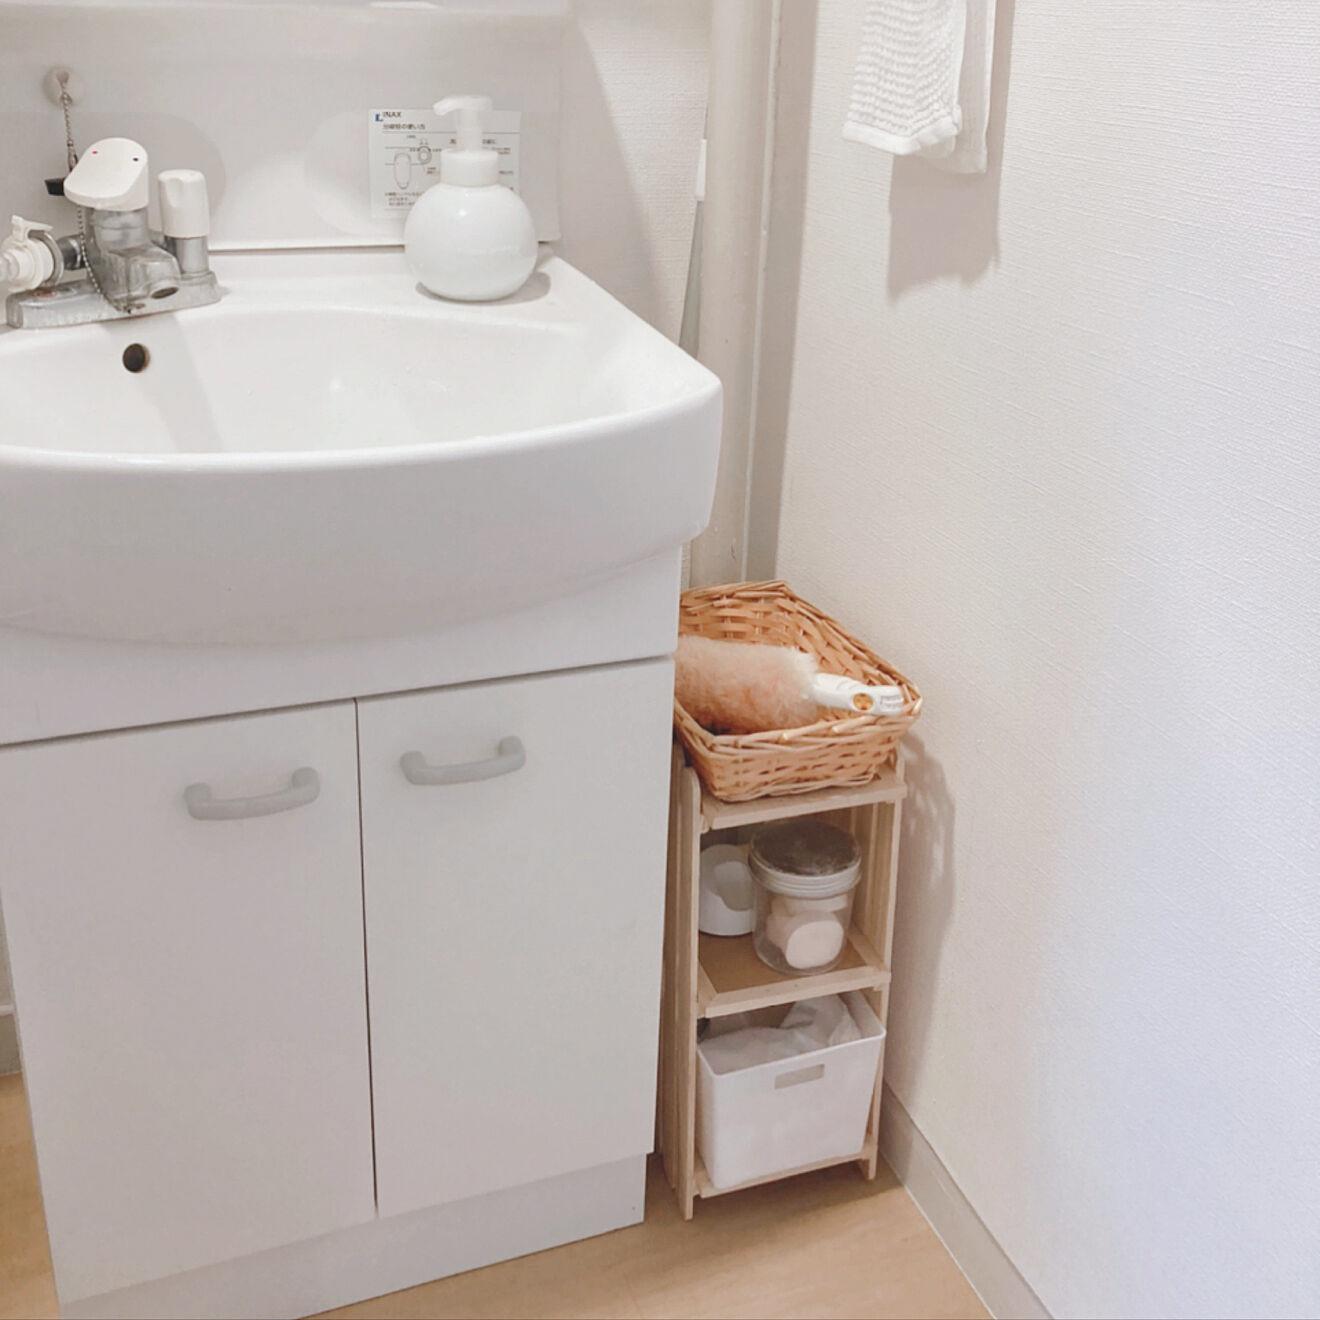 洗面台の収納スペースが狭いので、壁と洗面台の間のデッドスペースに100円ショップのすのこでDIYした小さな収納棚を置いて有効活用されている事例。掃除用具やメイク用品など、頻繁に置くものはあえて外に出しておく、というのも使い勝手が良さそうです。